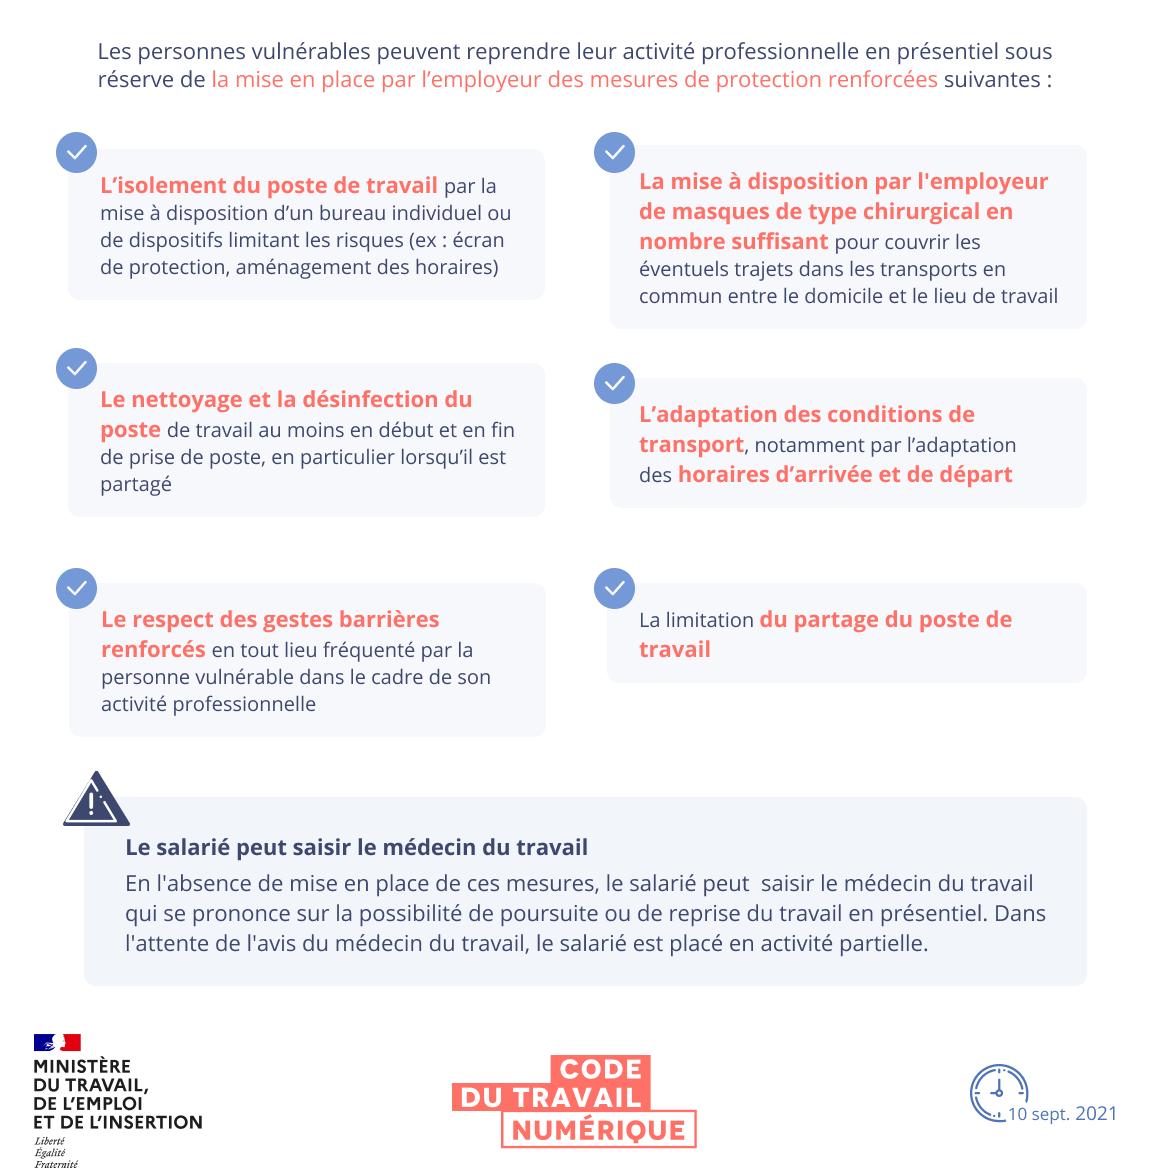 Infographie décrivant le contenu des mesures de protection renforcées.